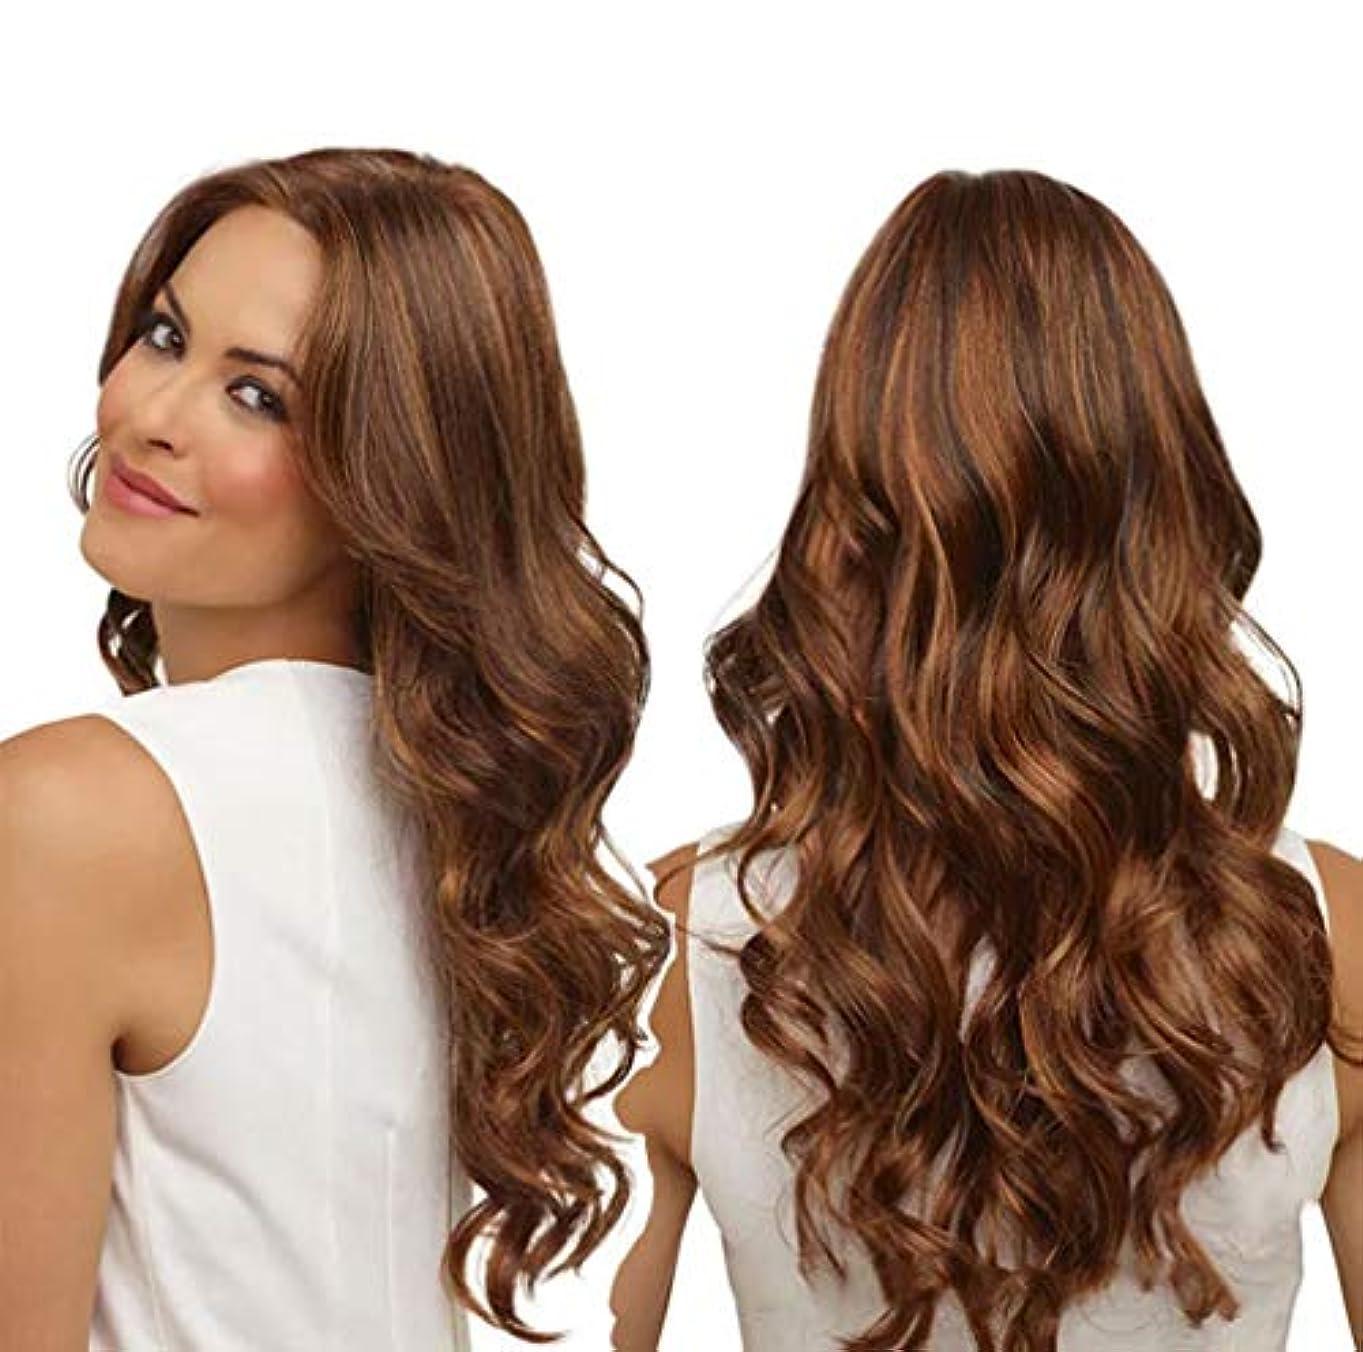 かんがい継続中きつく女性かつら150%密度耐熱合成繊維人毛水波かつらベビー髪かつら65センチ